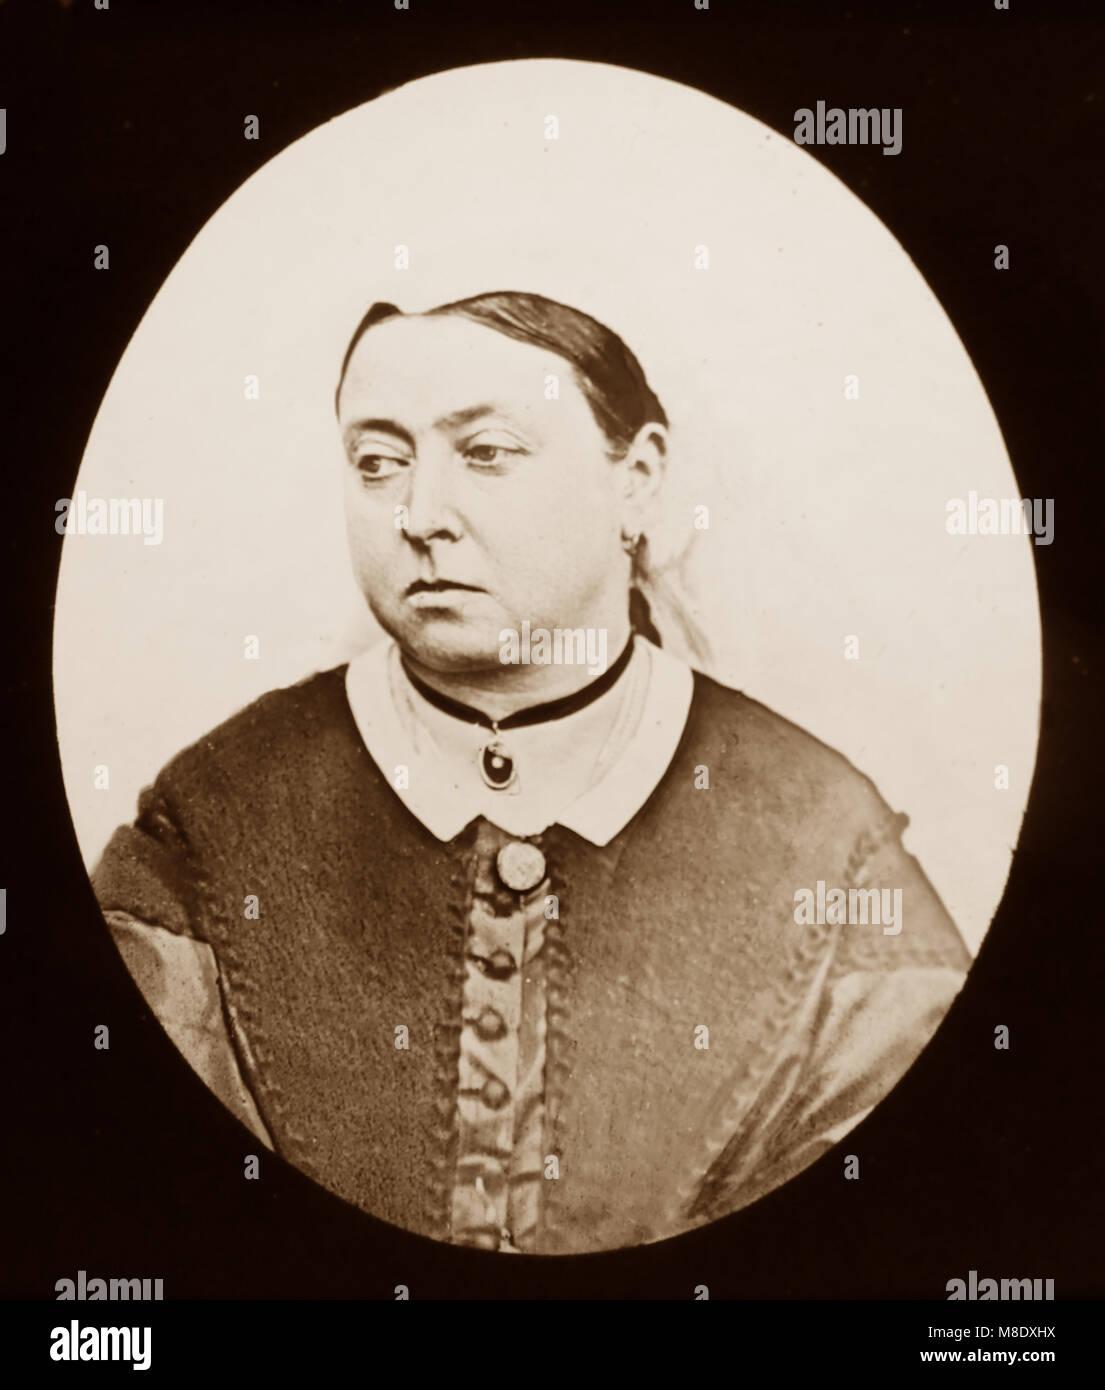 La reina Victoria, el período Victoriano Imagen De Stock